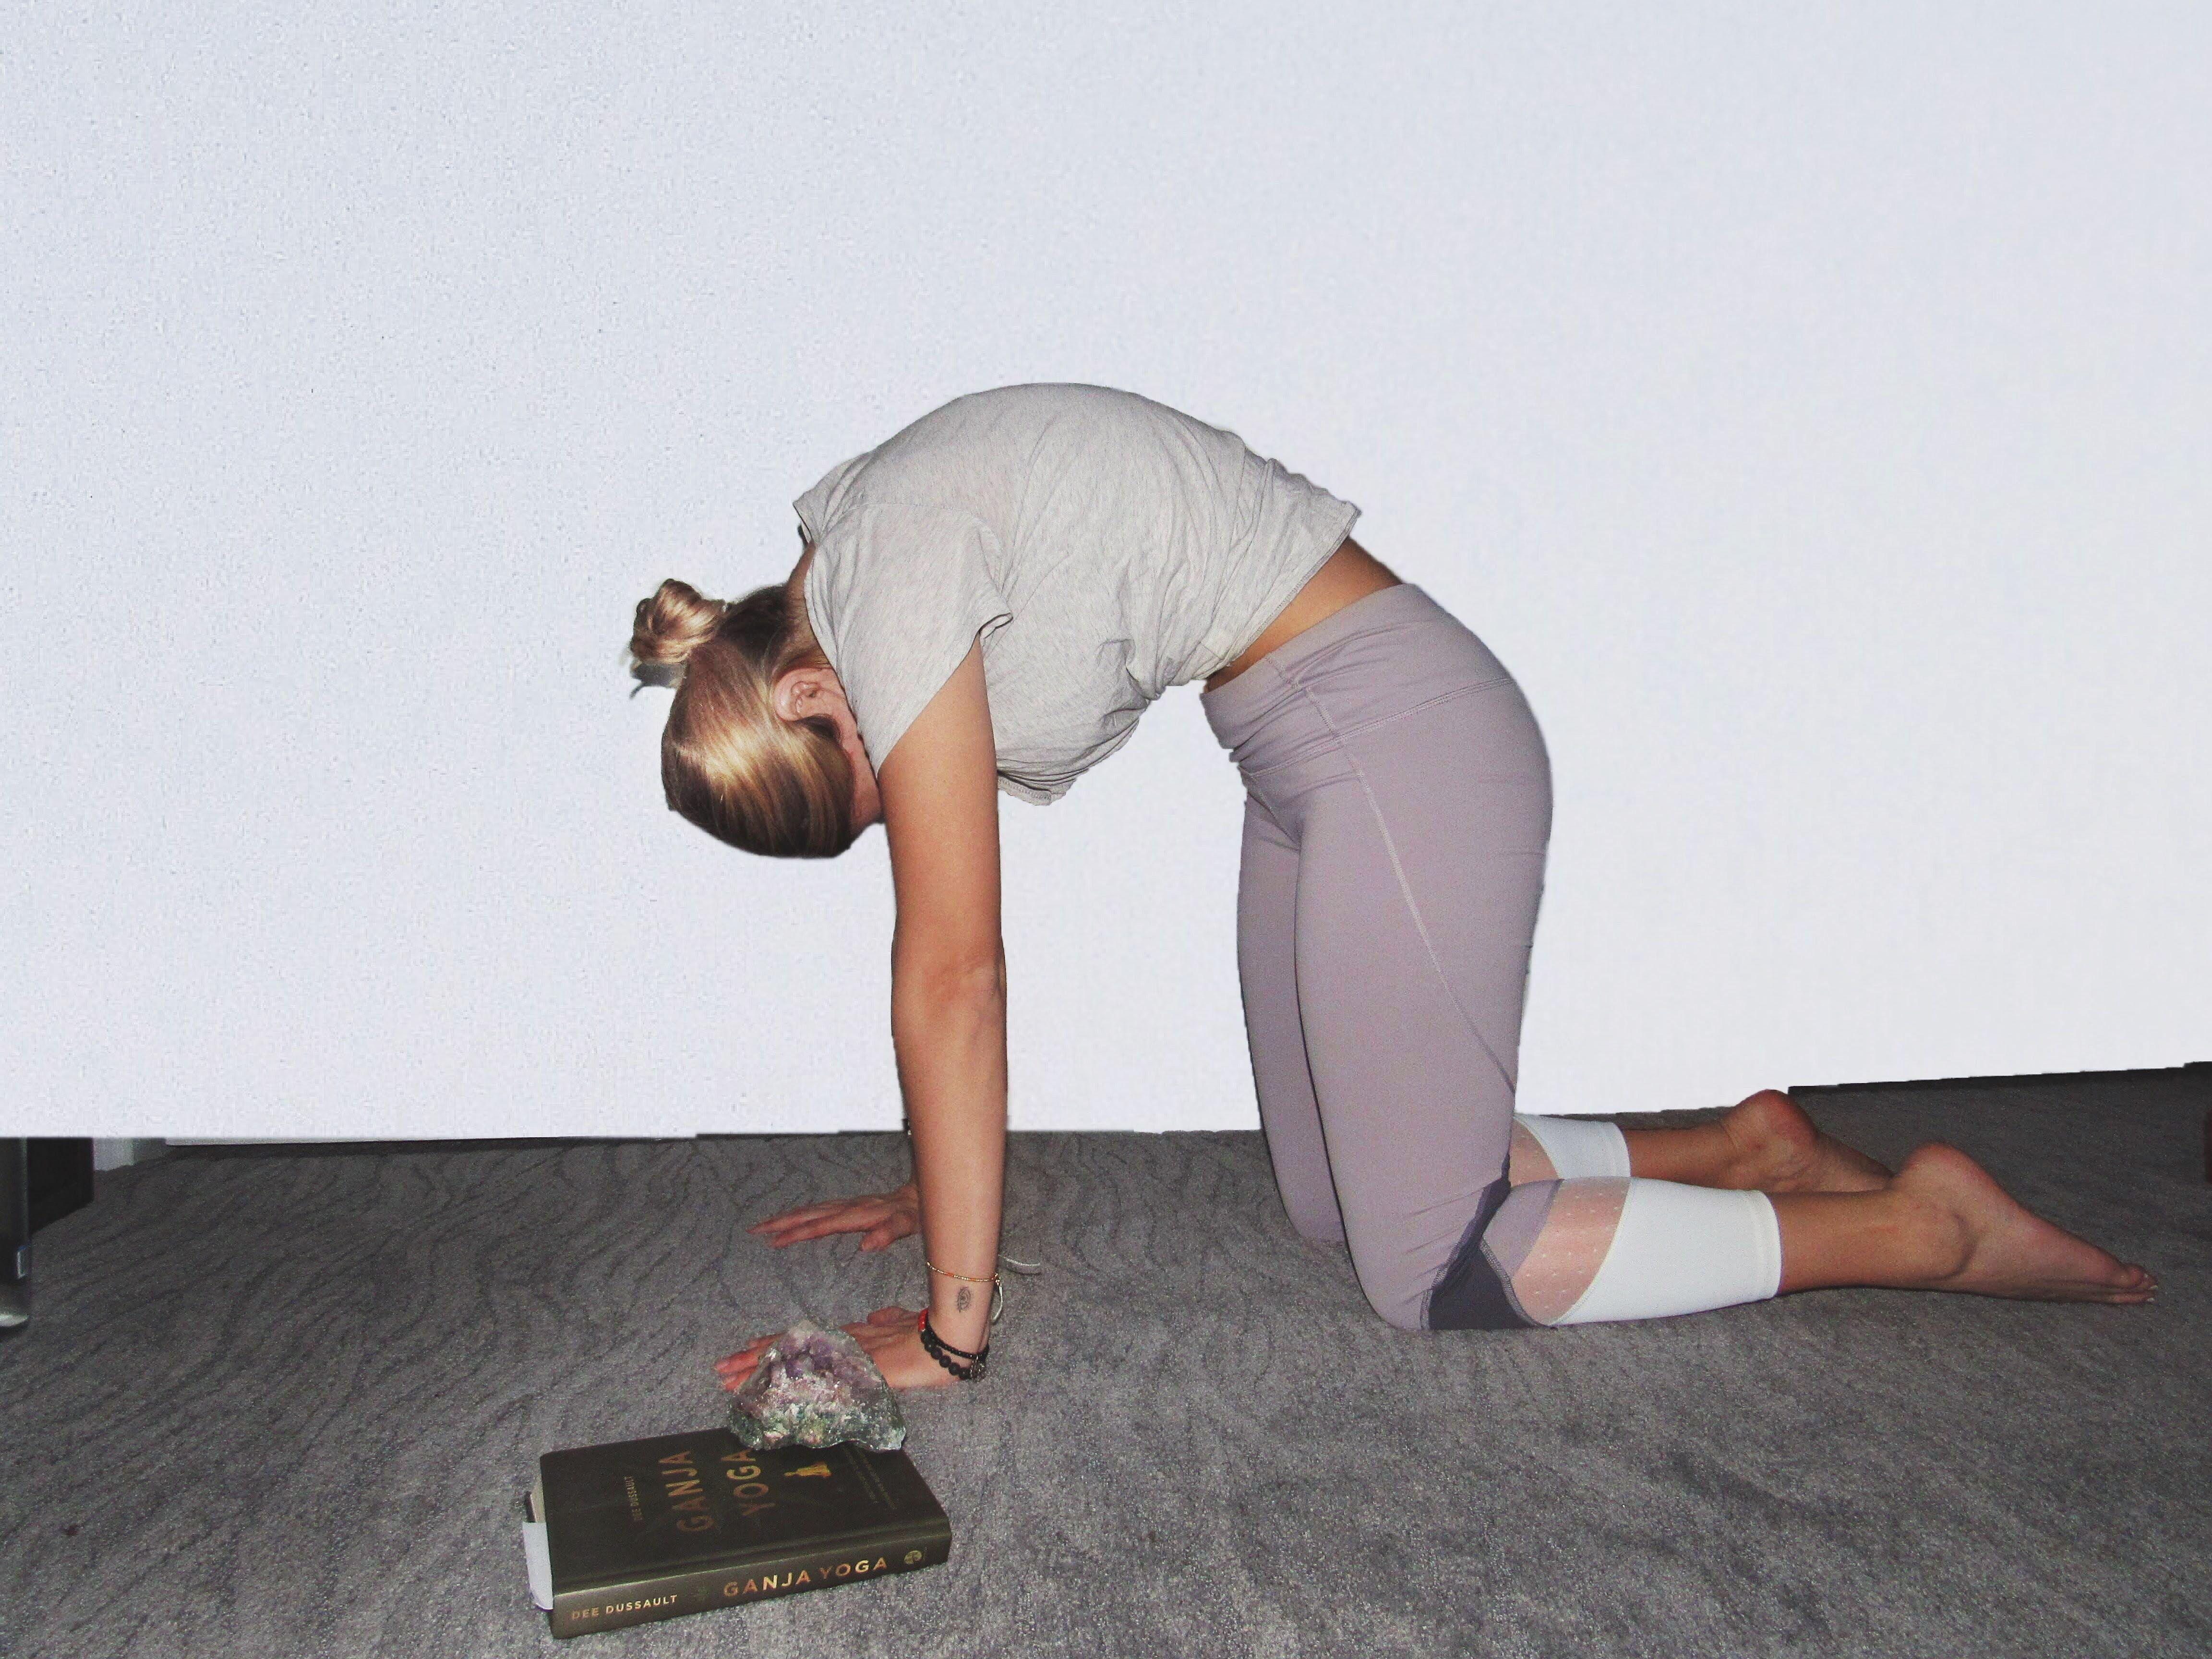 Yoga Poses Free Online Yoga Videos Yoga Advice And Instruction Buddhi Babe Yoga Yoga Photography Long Island Yoga Workshop Yoga Lessons Vinyasa Yoga Class